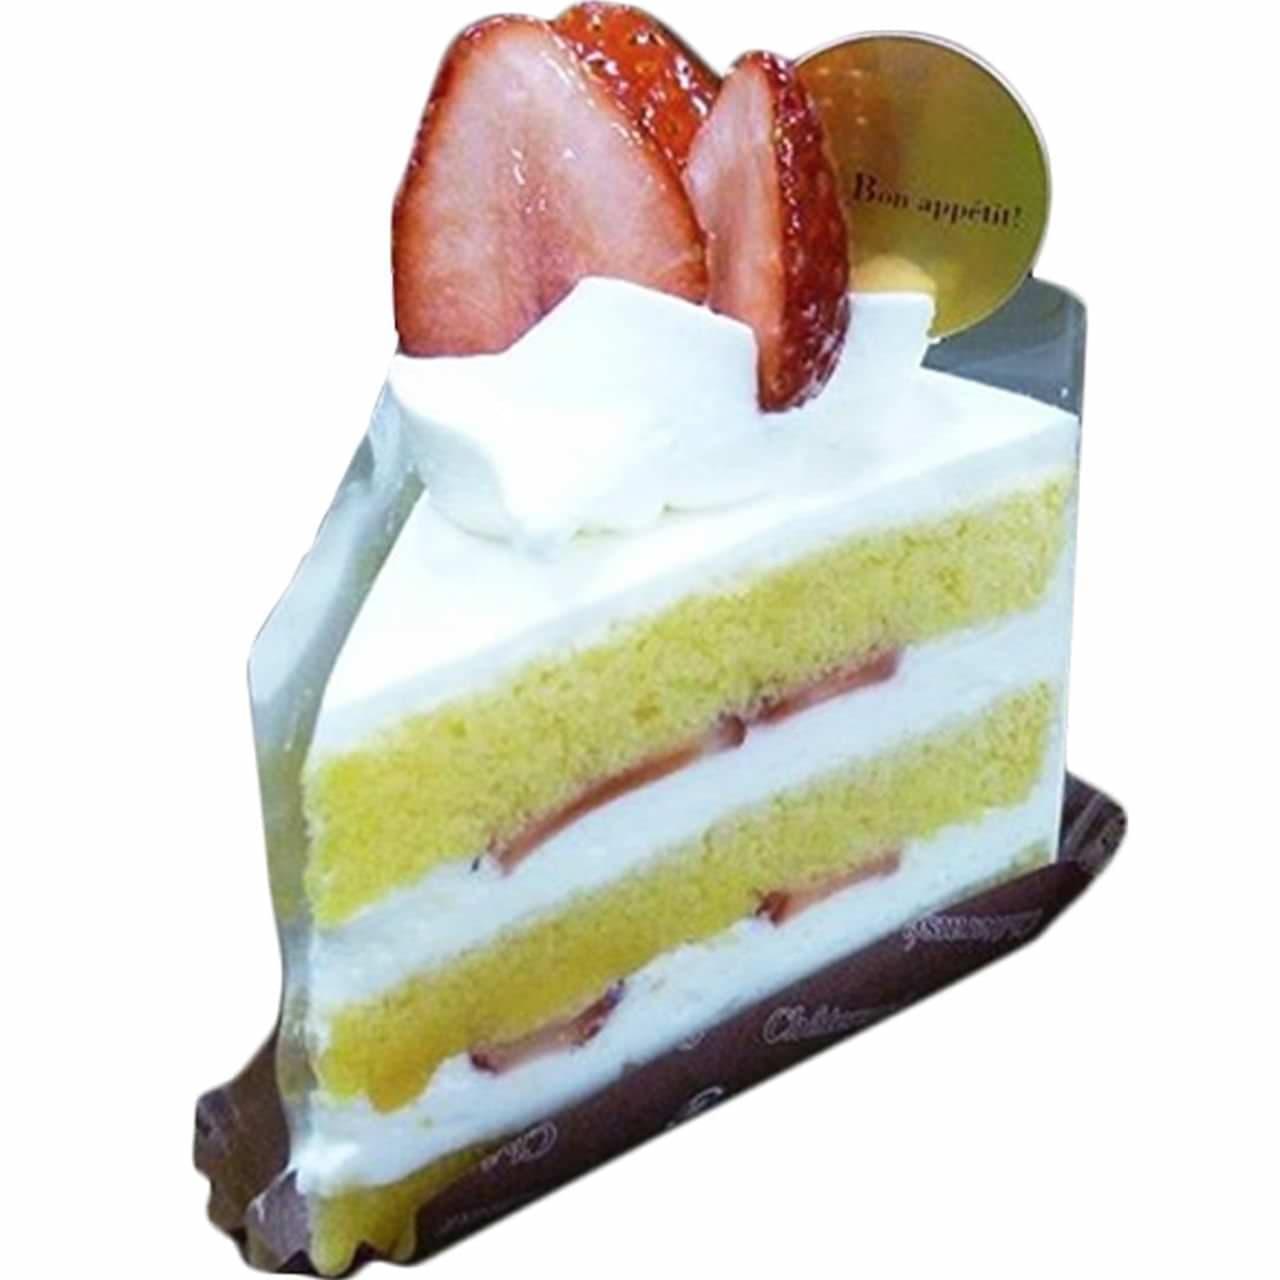 シャトレーゼ「群馬県産やよいひめ苺のプレミアムショートケーキ」